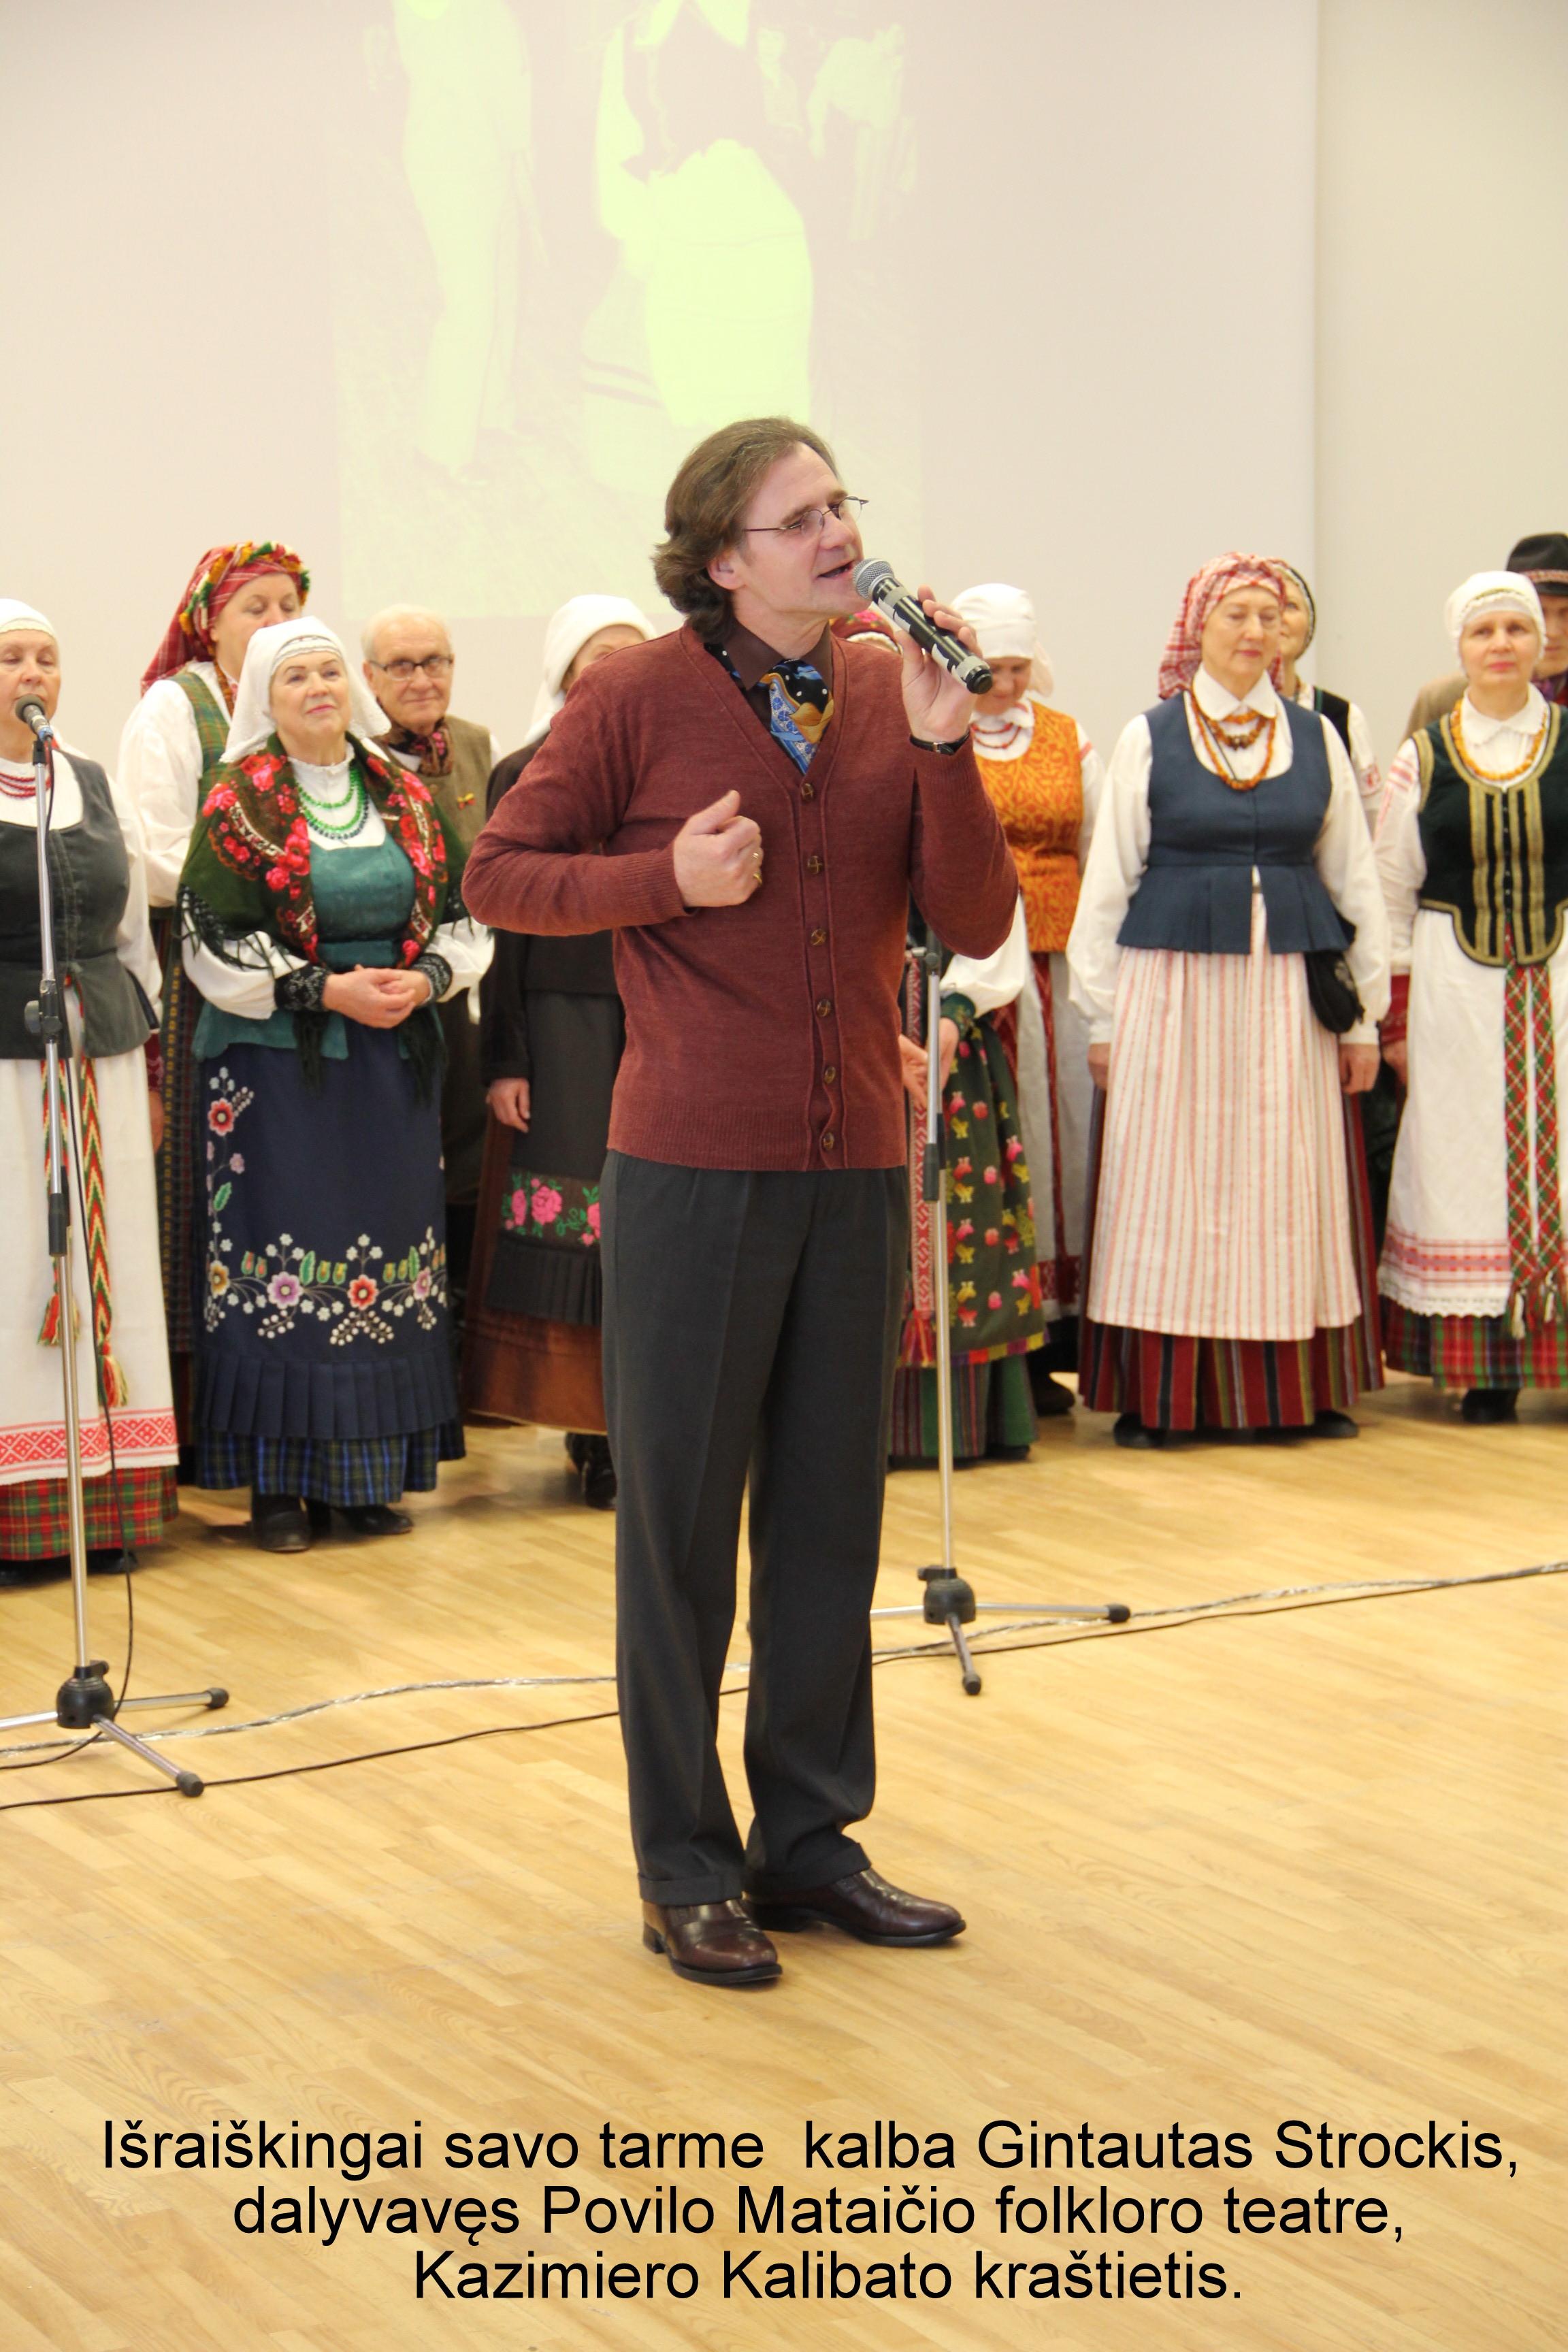 Išraiškingai savo tarme kalba Gintautas Strockis, dalyvavęs Povilo Mataičio folkloro teatre, Kazimiero Kalibato kraštietis | A. Grigaitienės nuotr.